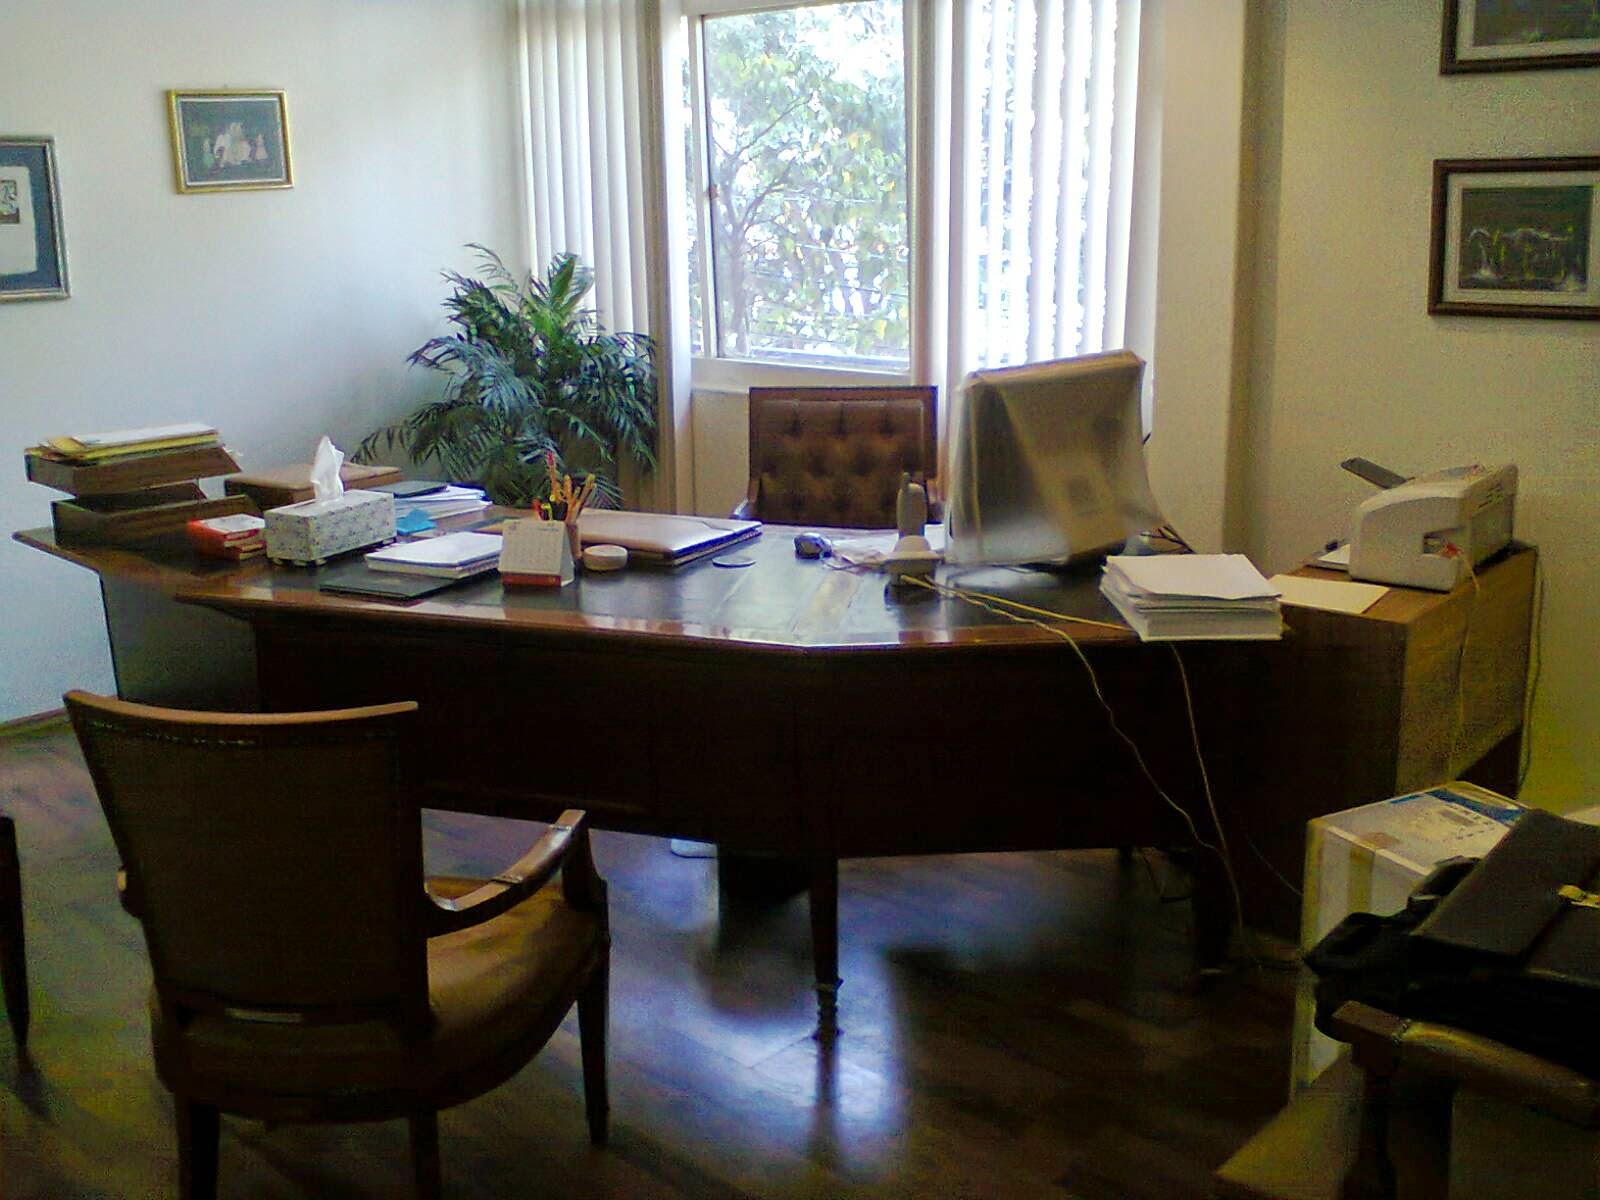 Ventajas de comprar muebles usados muebles de oficina for Muebles usados